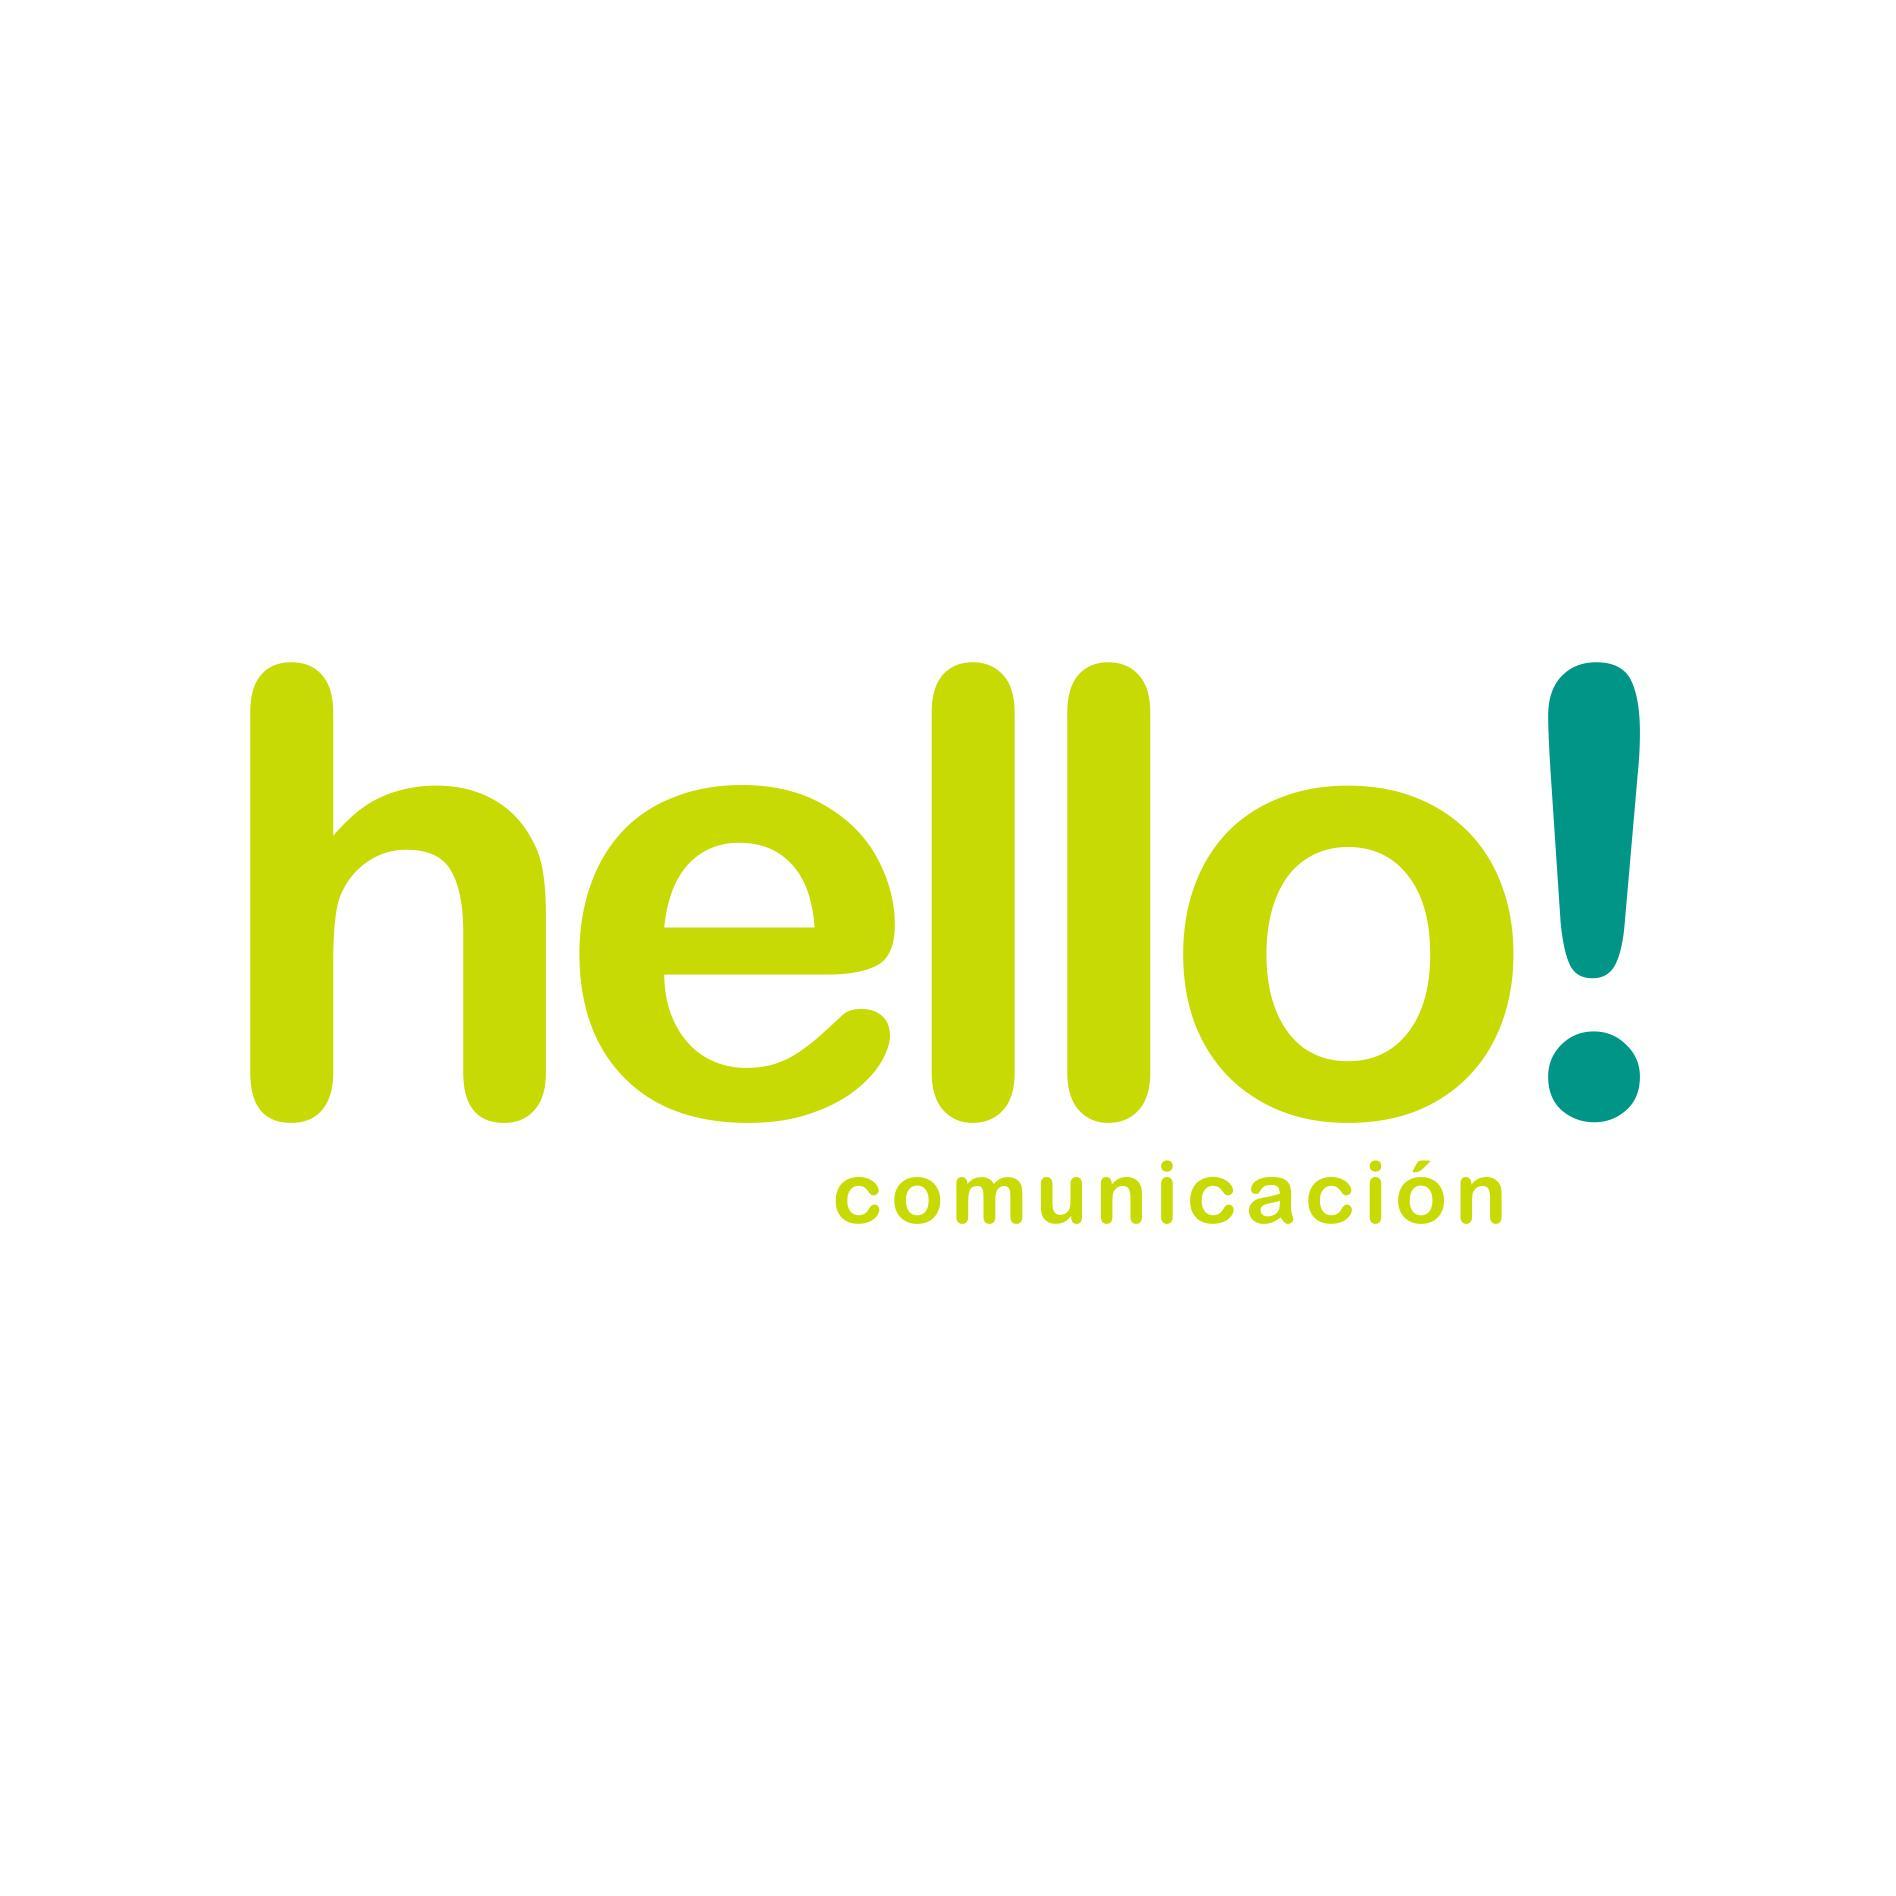 logotipos de empresas de comunicaiom